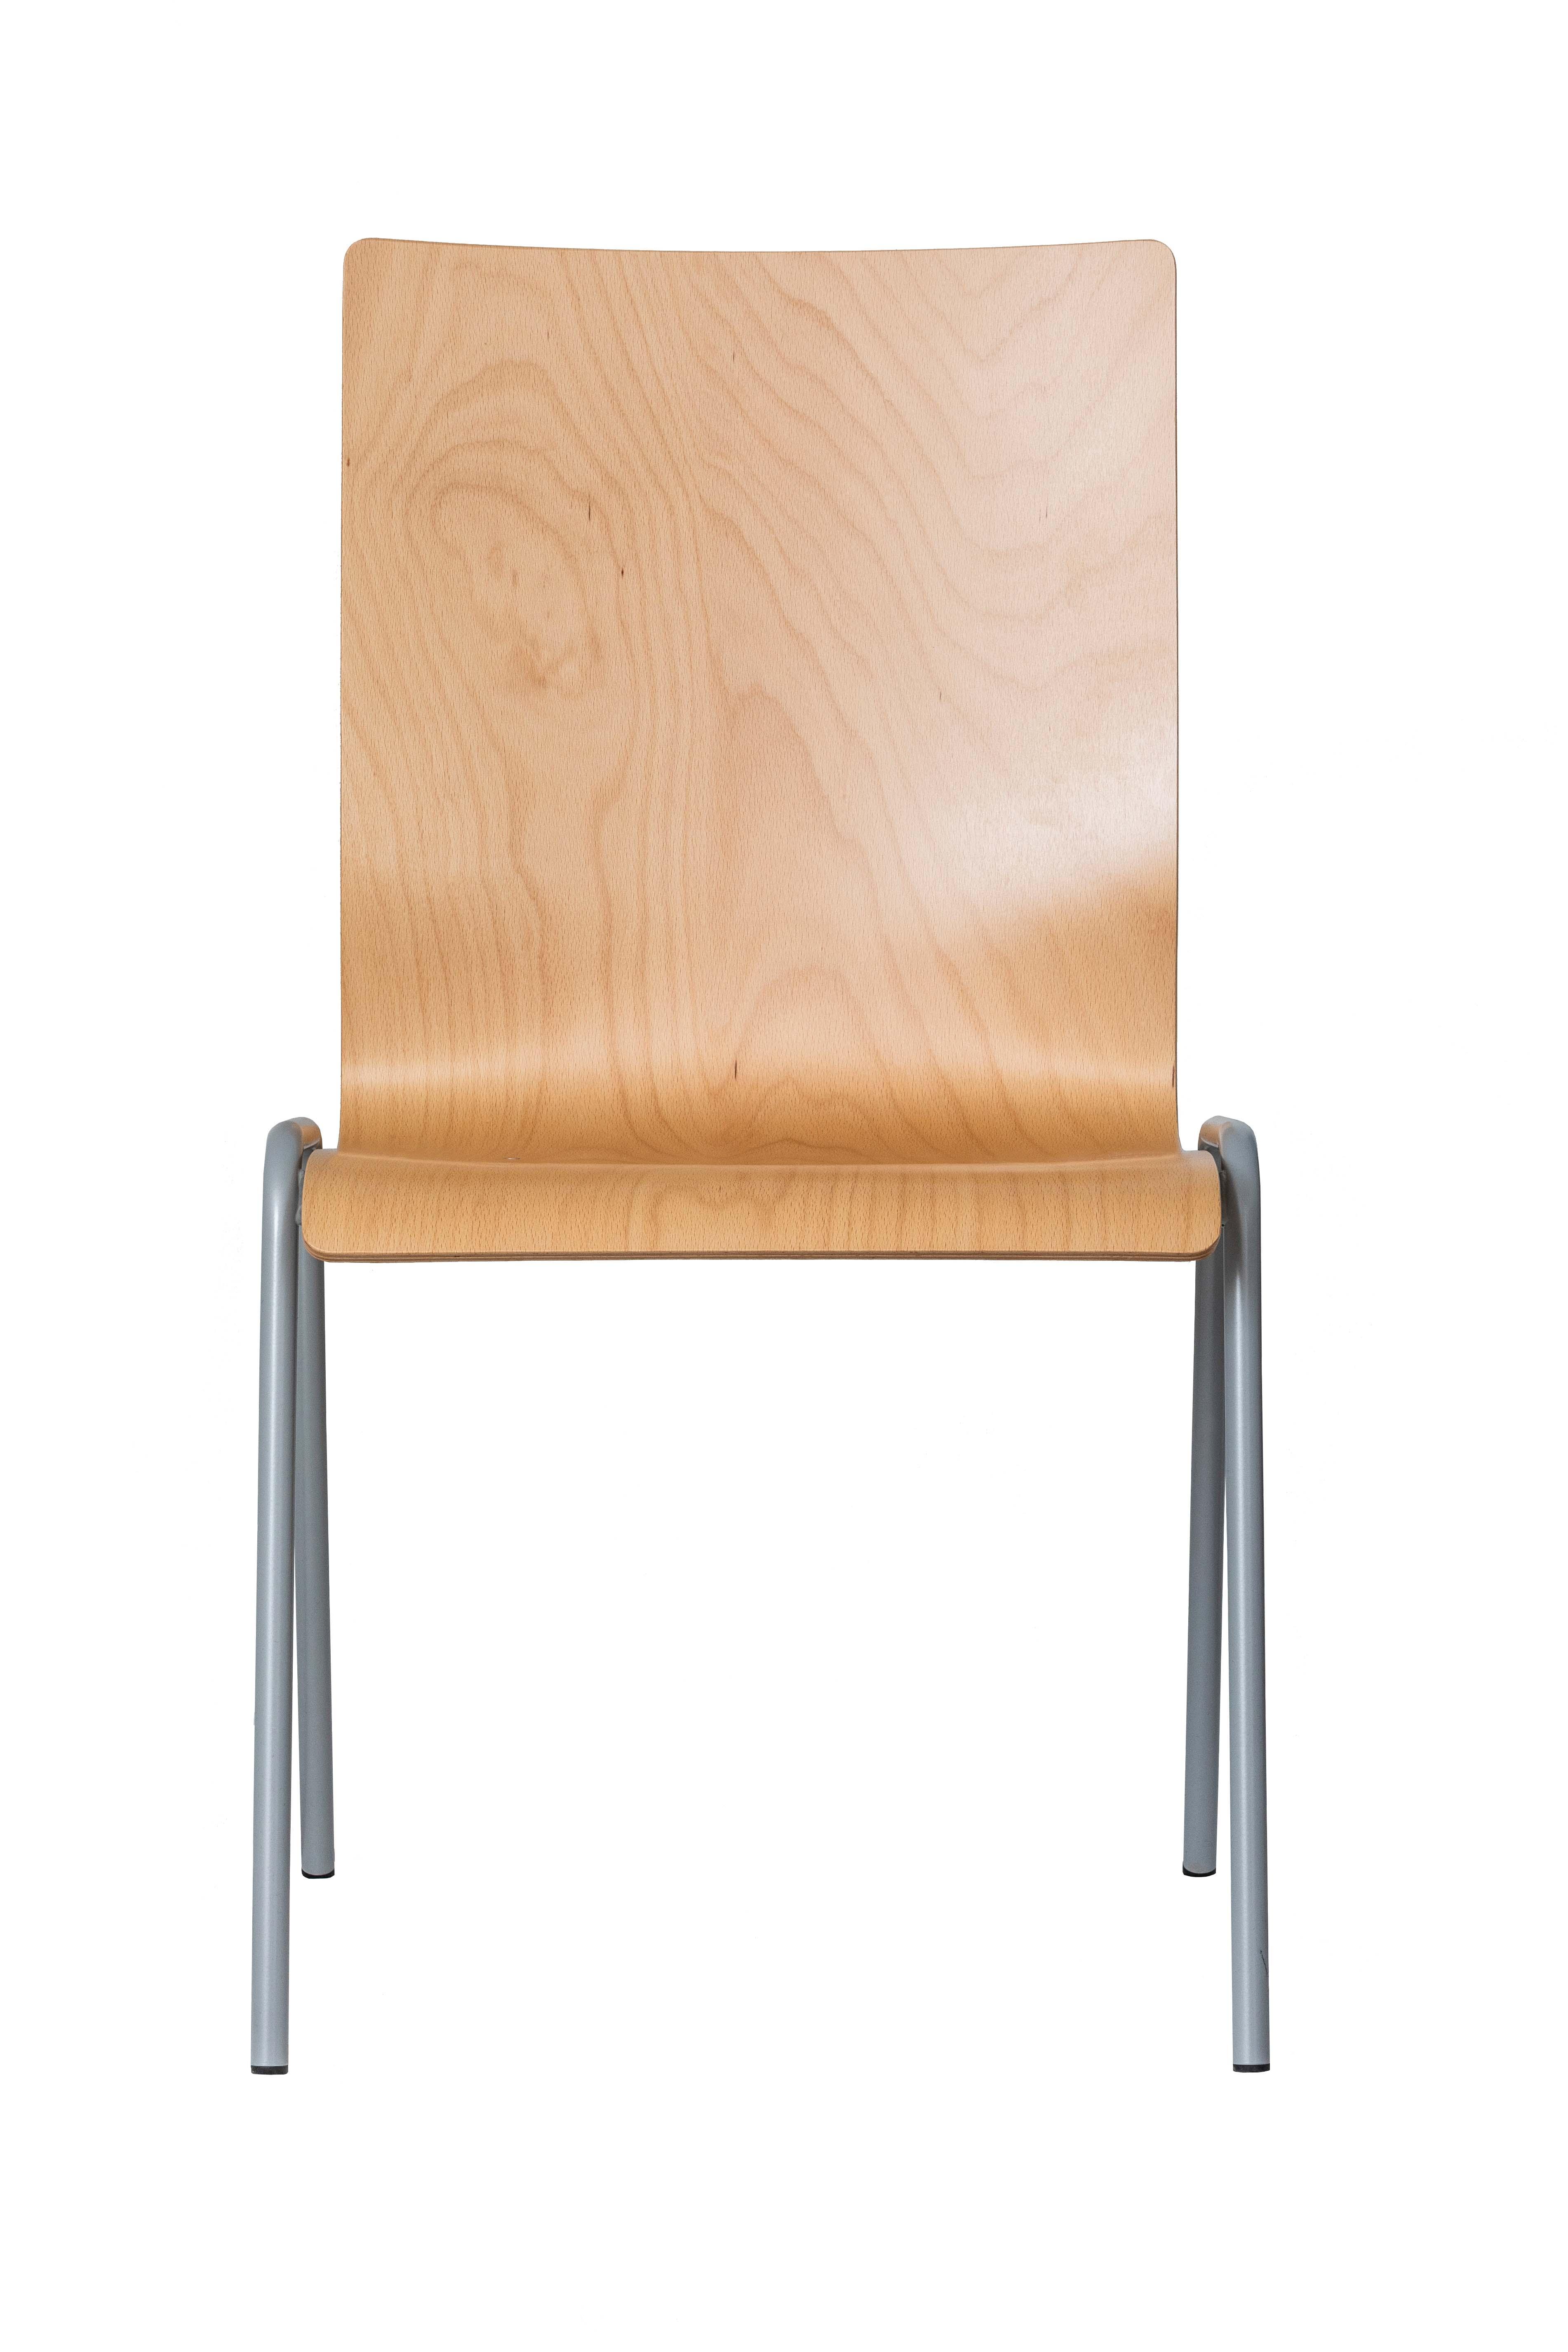 Bisley Holzformschalenstuhl, Gestellform E, Rundrohr 18/2 mm, pulverbeschichtet schwarz; Schalenform 4, Buche-Schichtholz 9-lagig, naturlackiert; Maße: H 865 x B 520 x T 550 mm